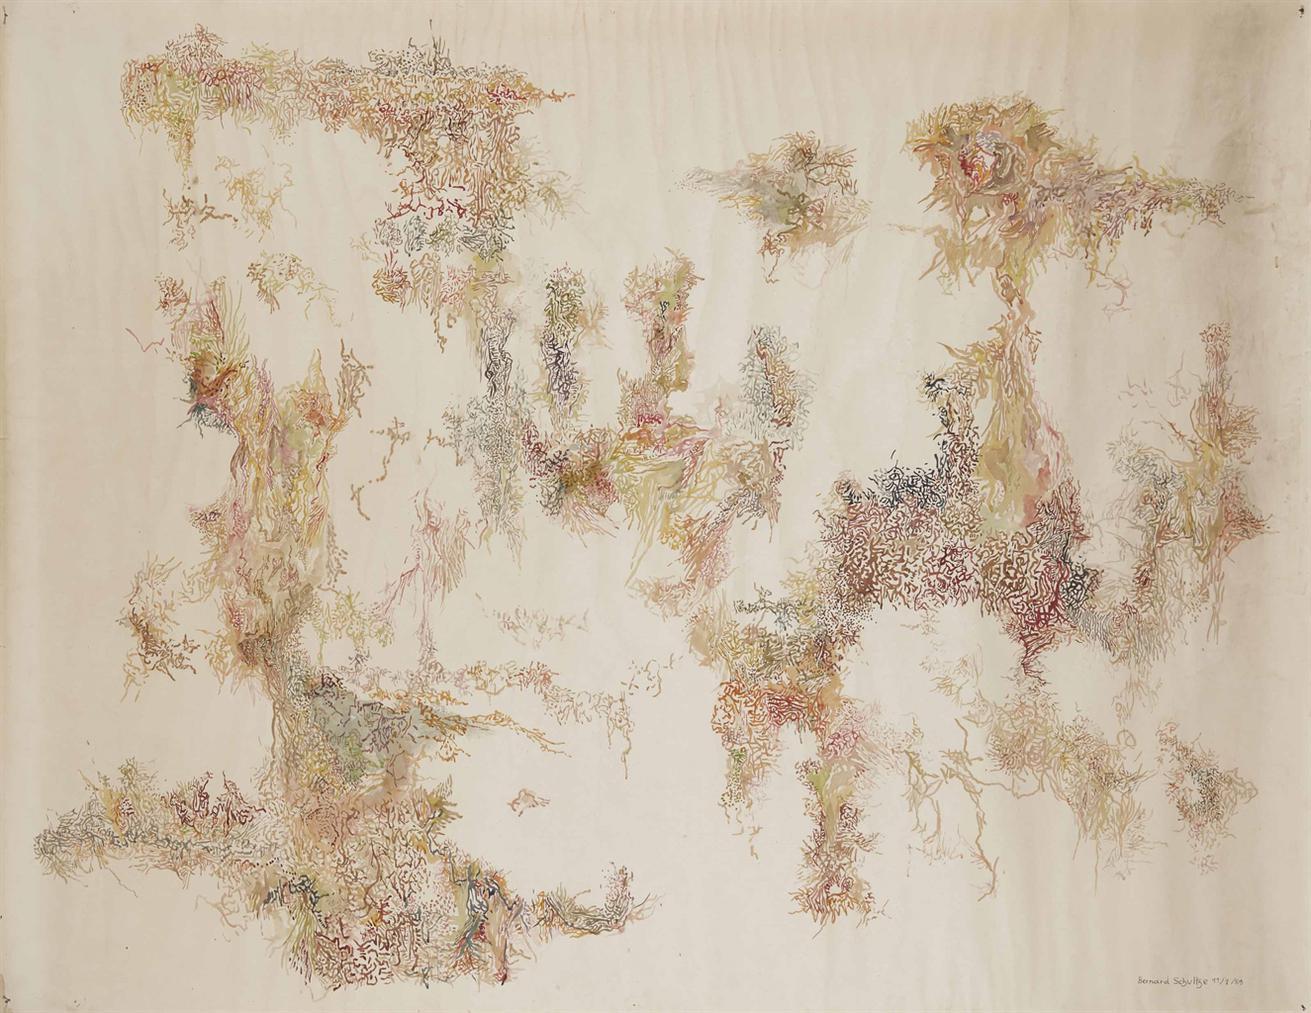 Bernard Schultze-Composition-1959